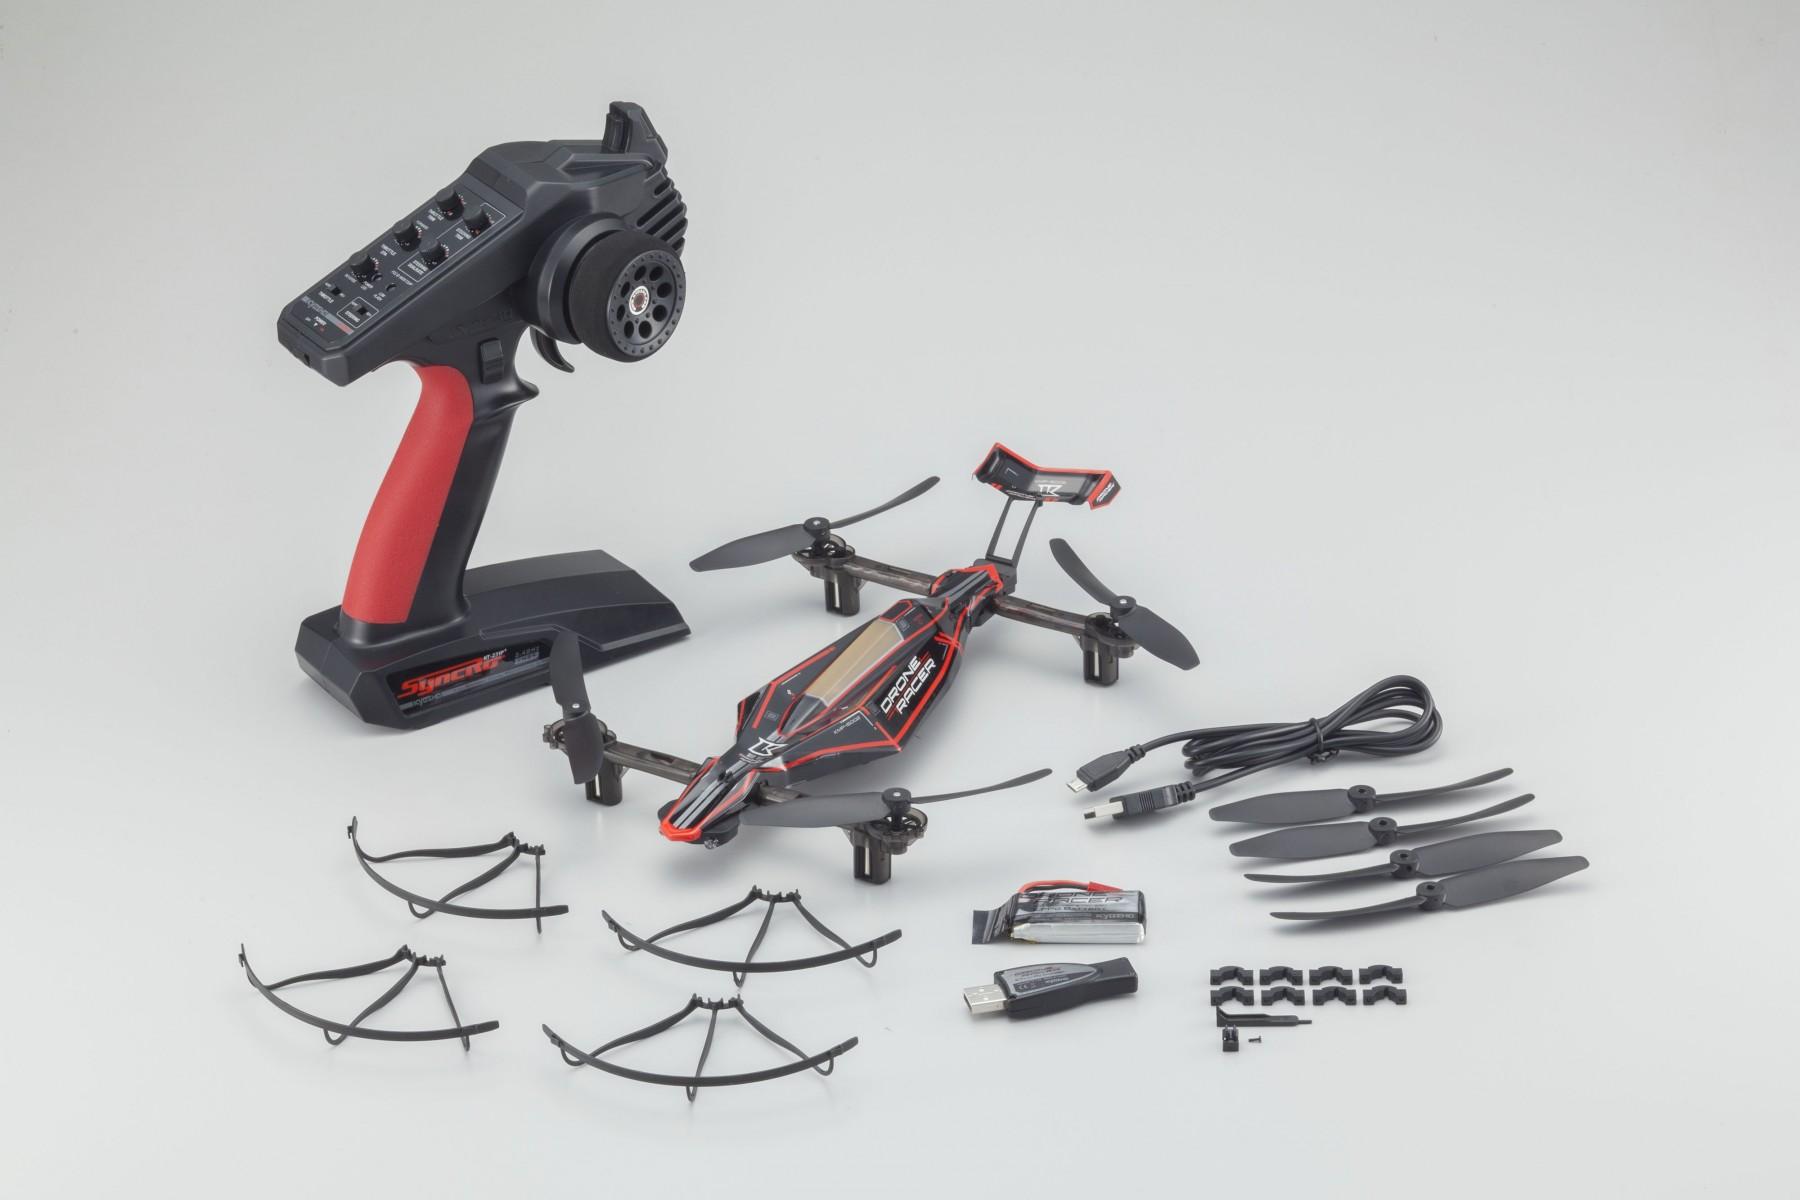 Kyosho drone racer zephyr force black 04